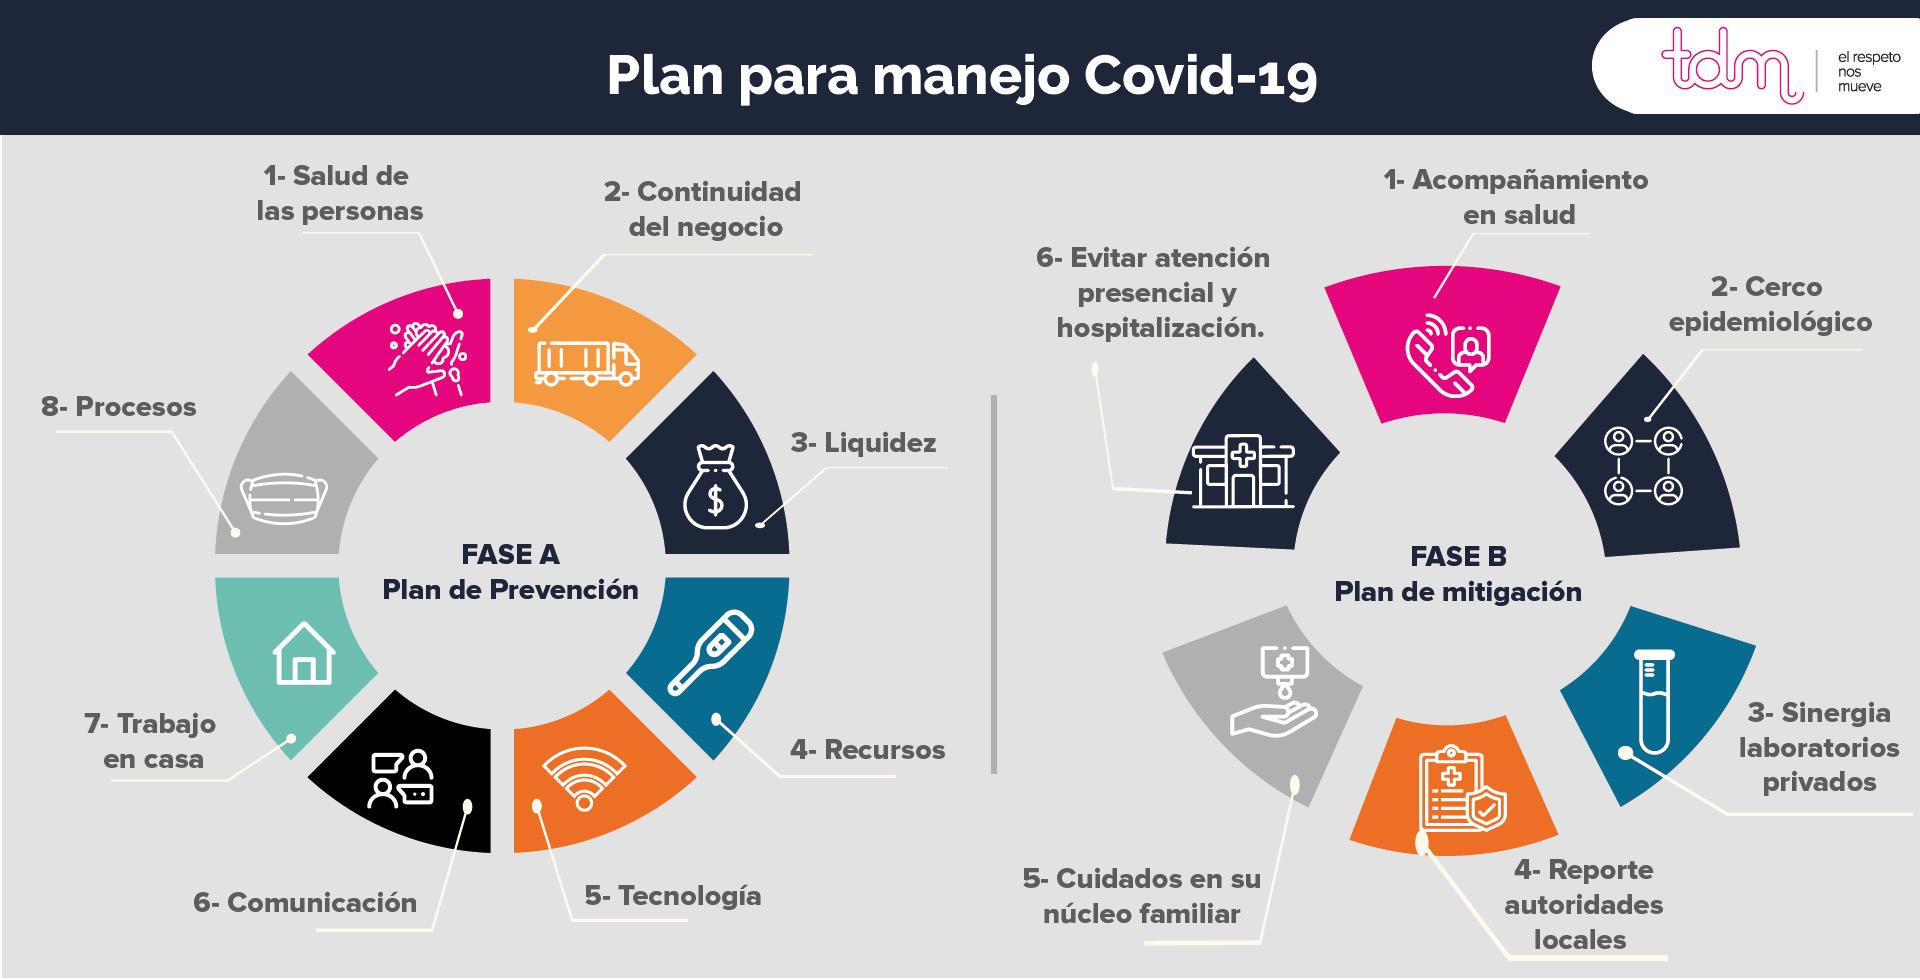 Cómo estructurar un plan para manejo Covid-19